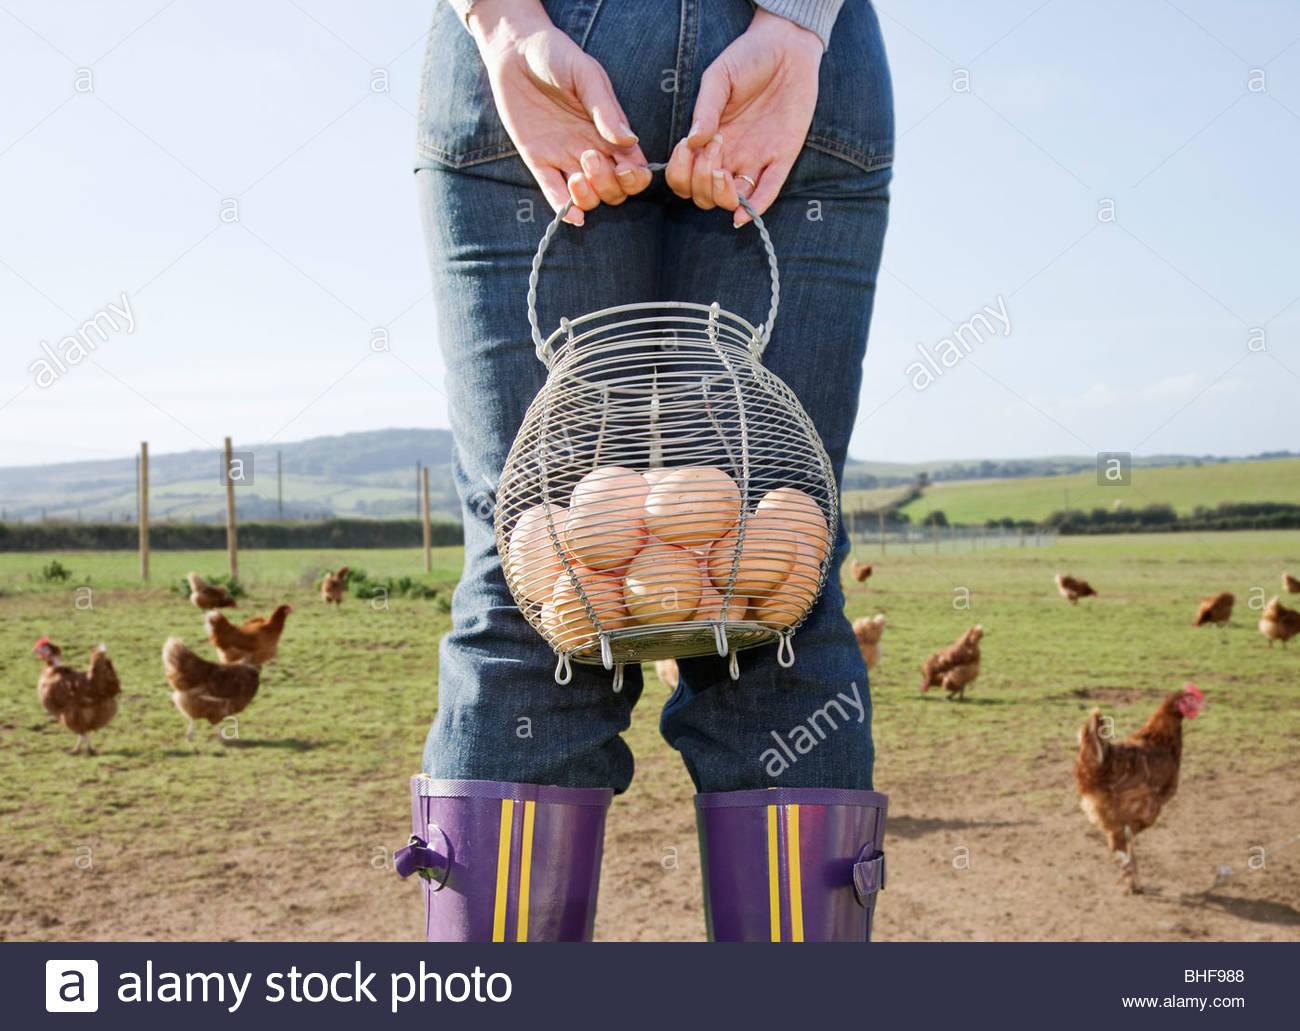 Los agricultores titulares de cesta de huevos cerca de los pollos Imagen De Stock